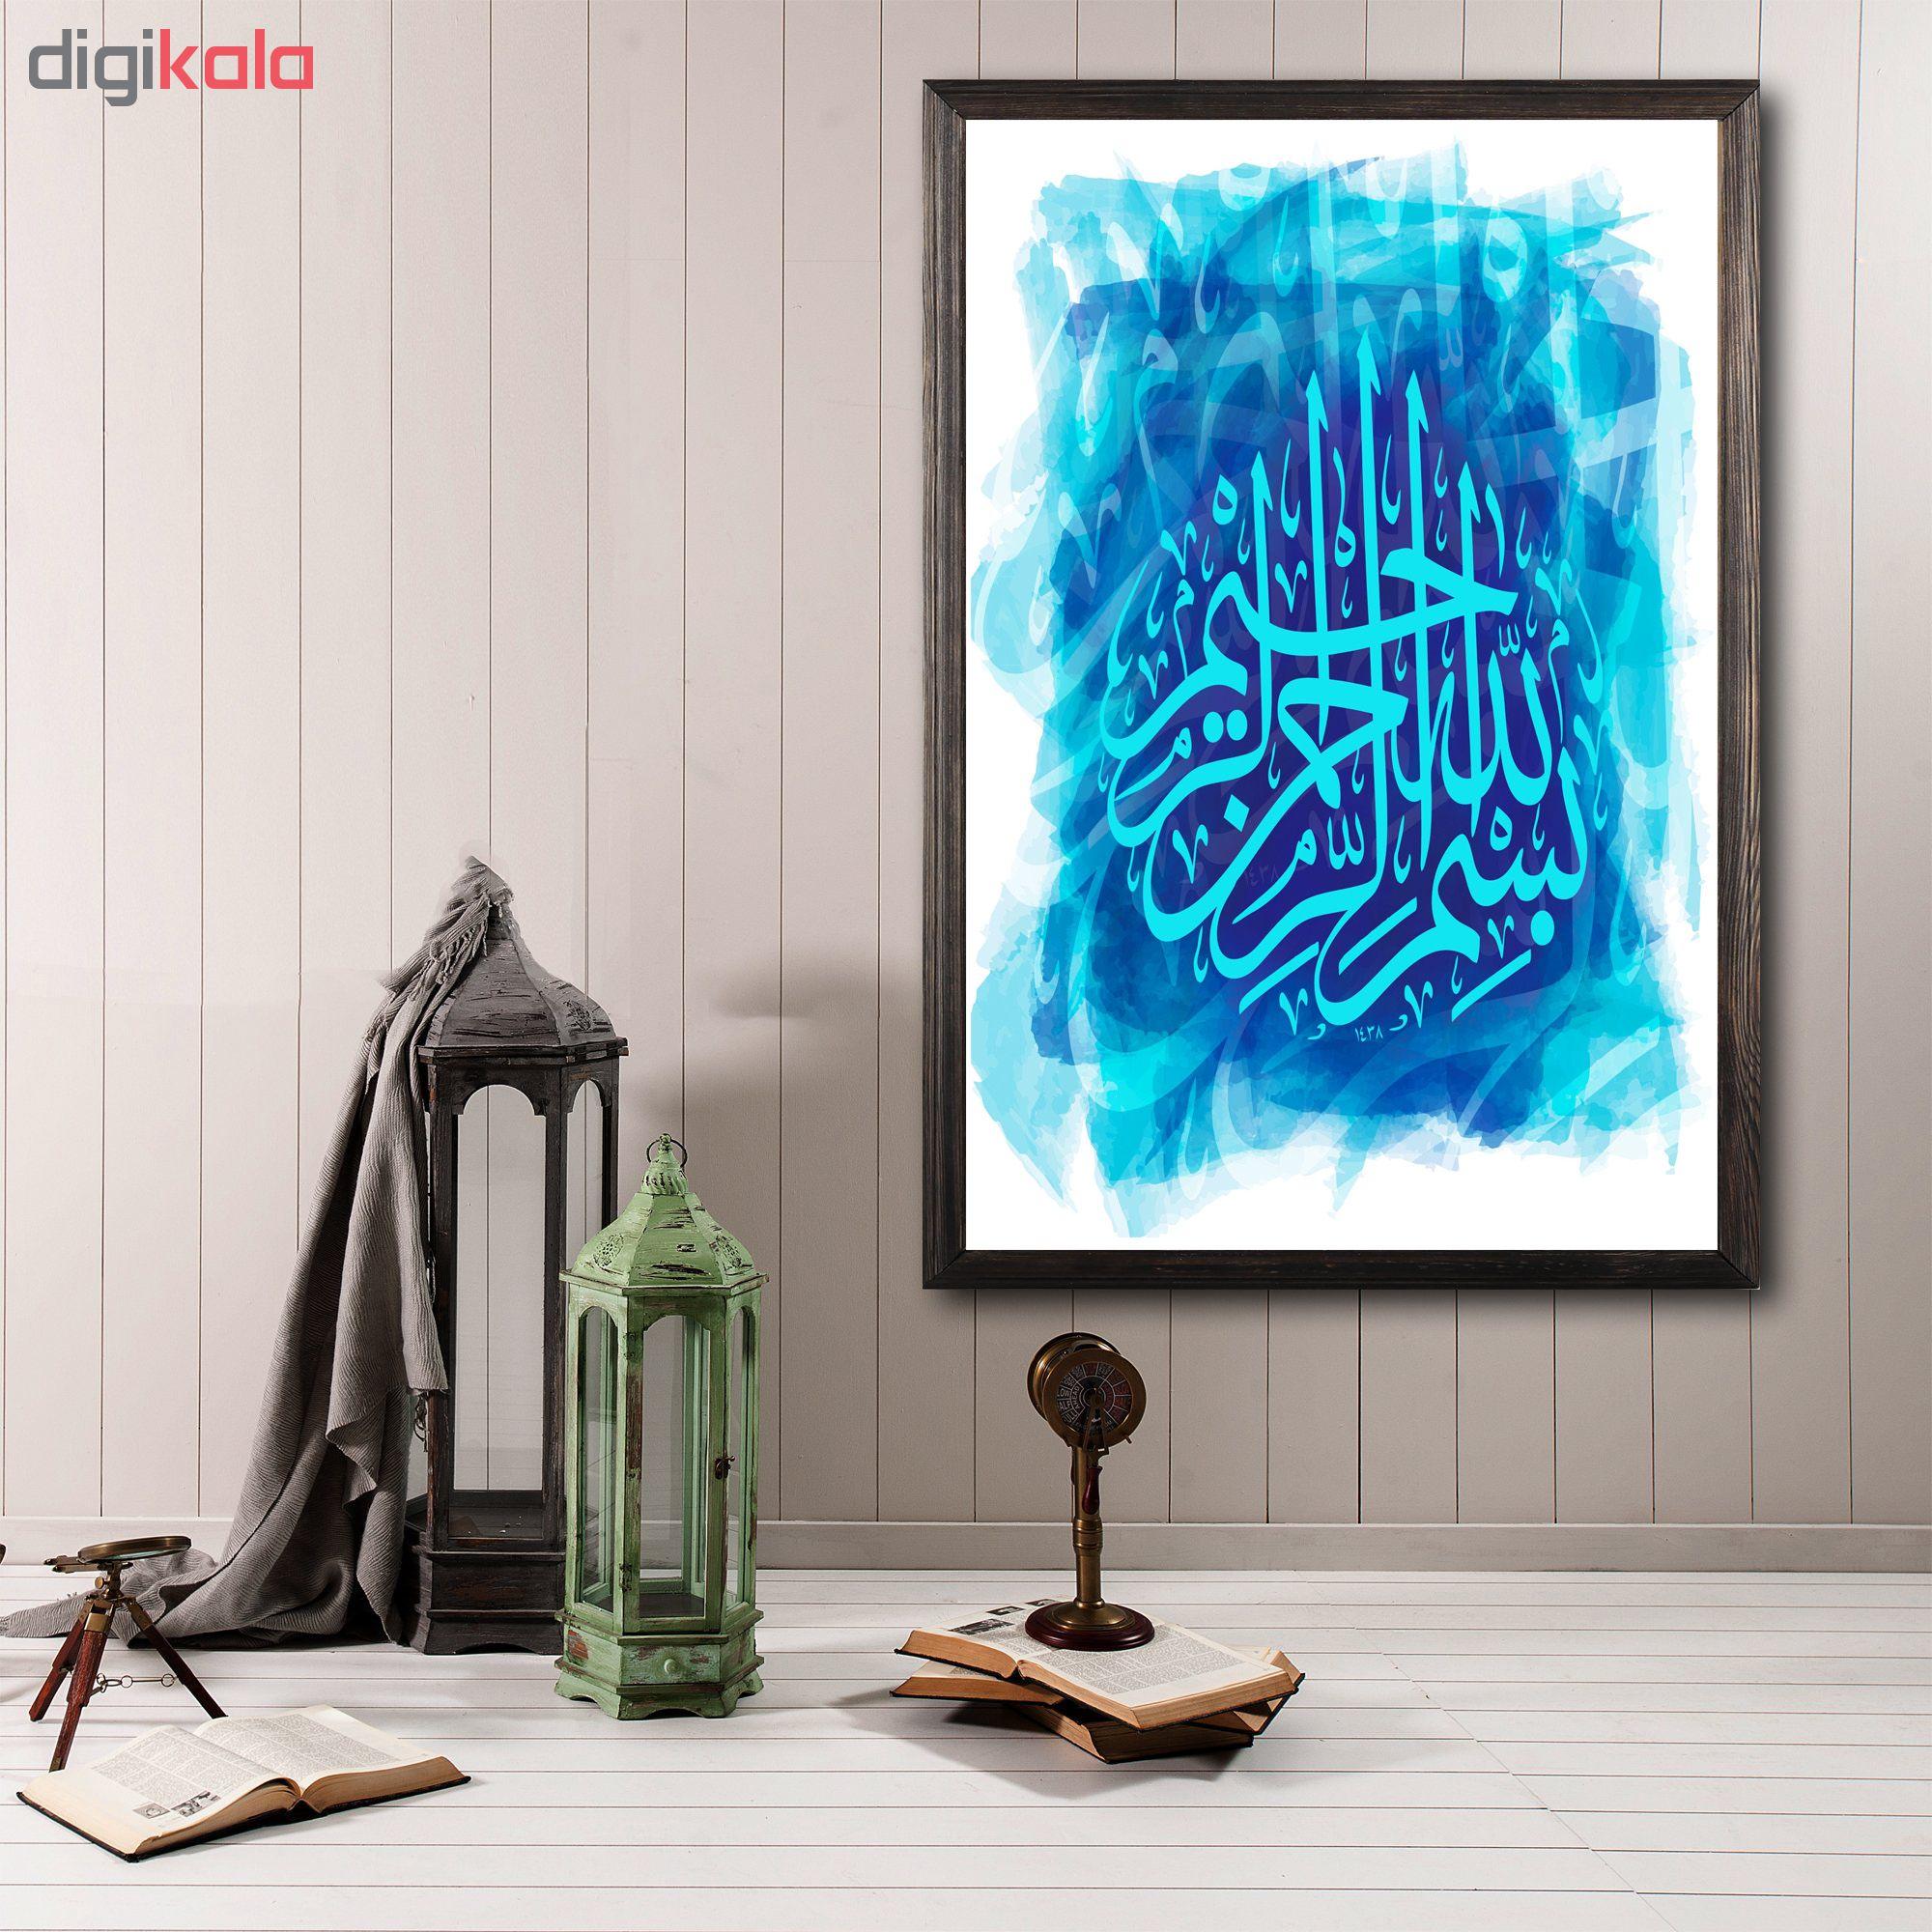 تابلو آتینو طرح بسم الله الرحمن الرحیم کد 3